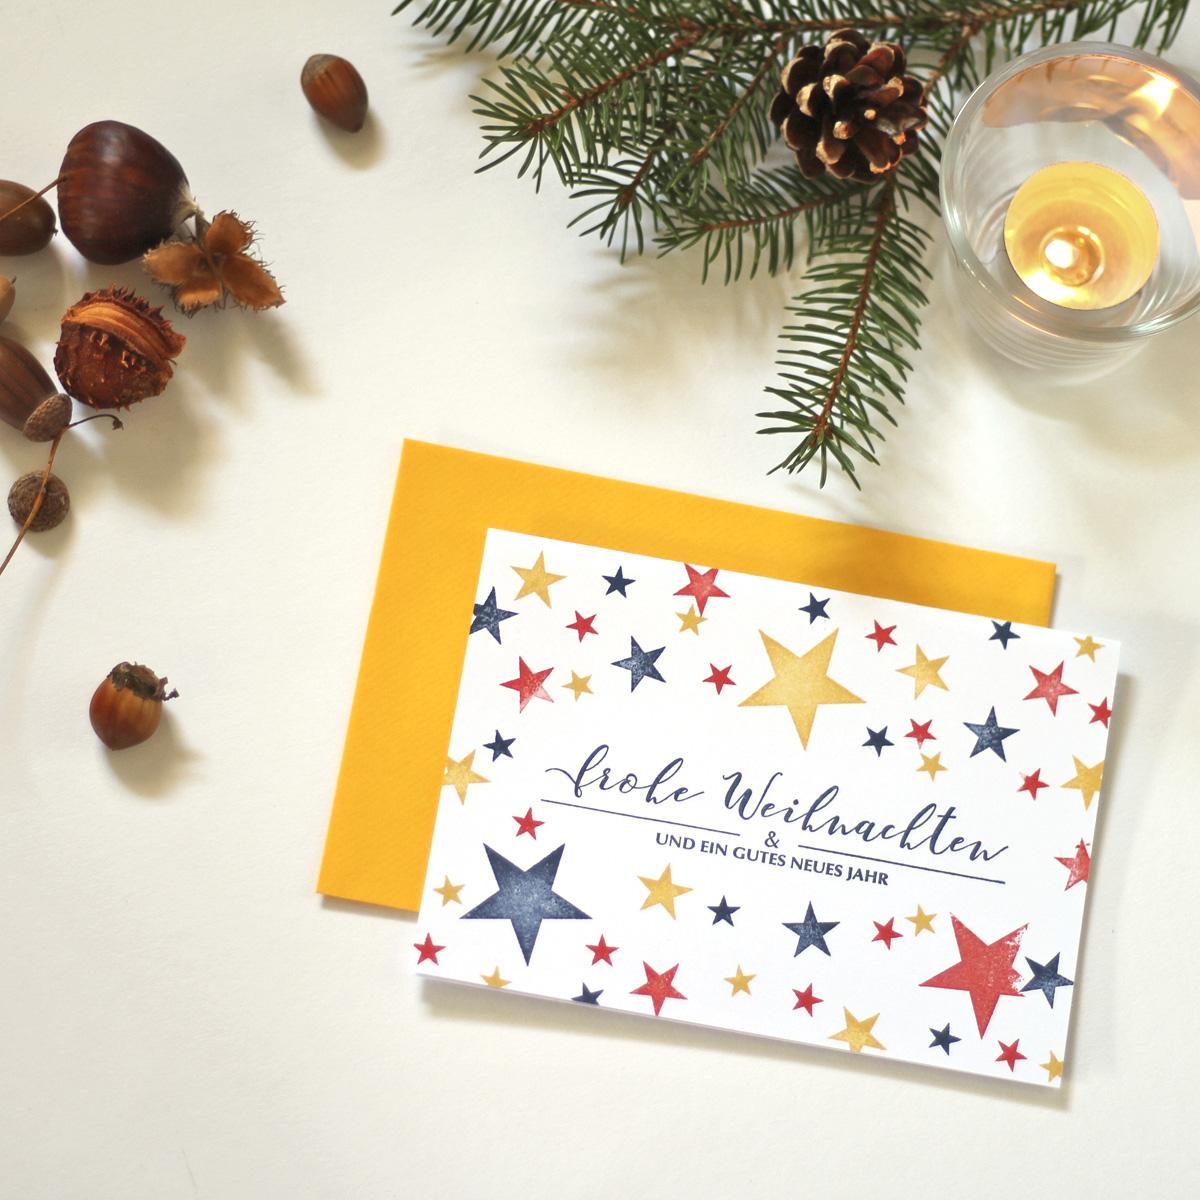 missredfox - 12giftswithlovegoesxmas - 13 - 4Freizeiten - Weihnachtskarten stempeln mit Sternen 1